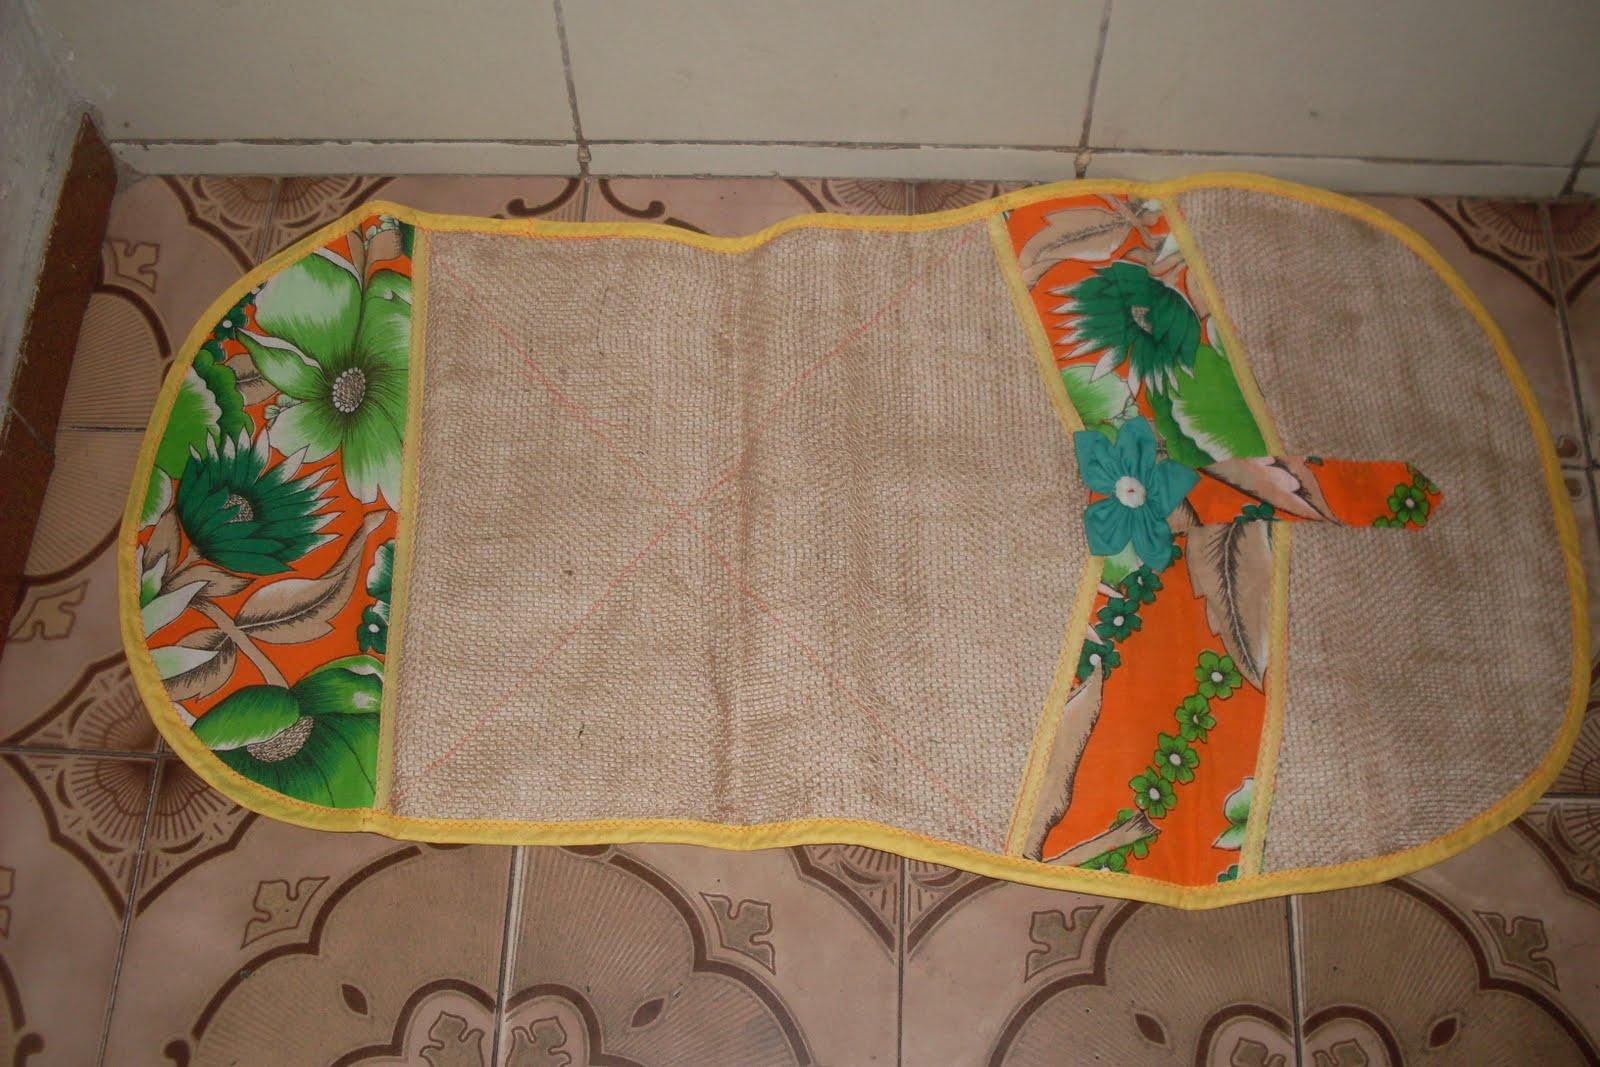 Arte Em Tapete De Retalho : Arte: Artesanato da Dalila( tapetes, aproveitando retalhos de tecido